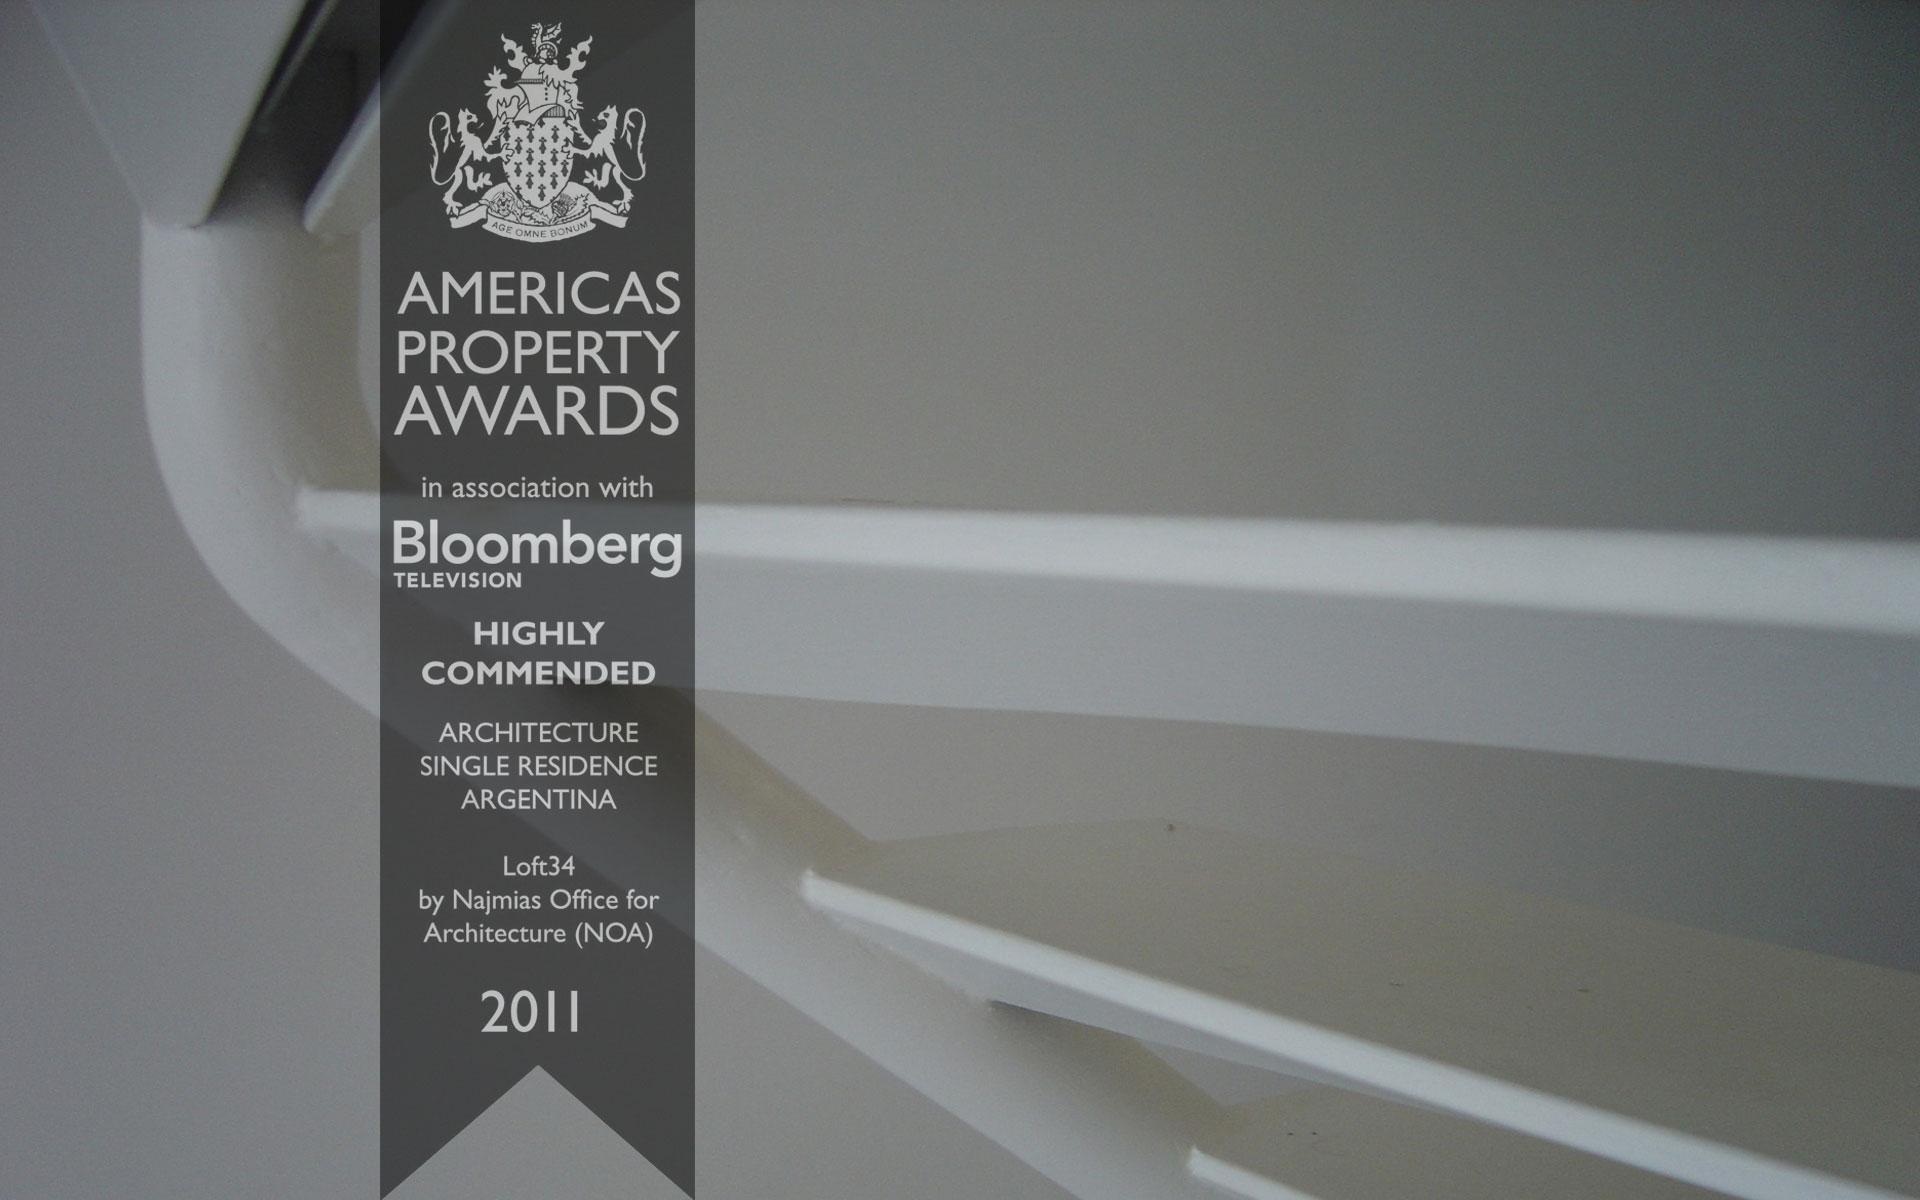 Foto de escalera flotante blanca del Loft34 con el logo de Najmias Oficina de Arquitectura ganador del Premio Americas Property Awards